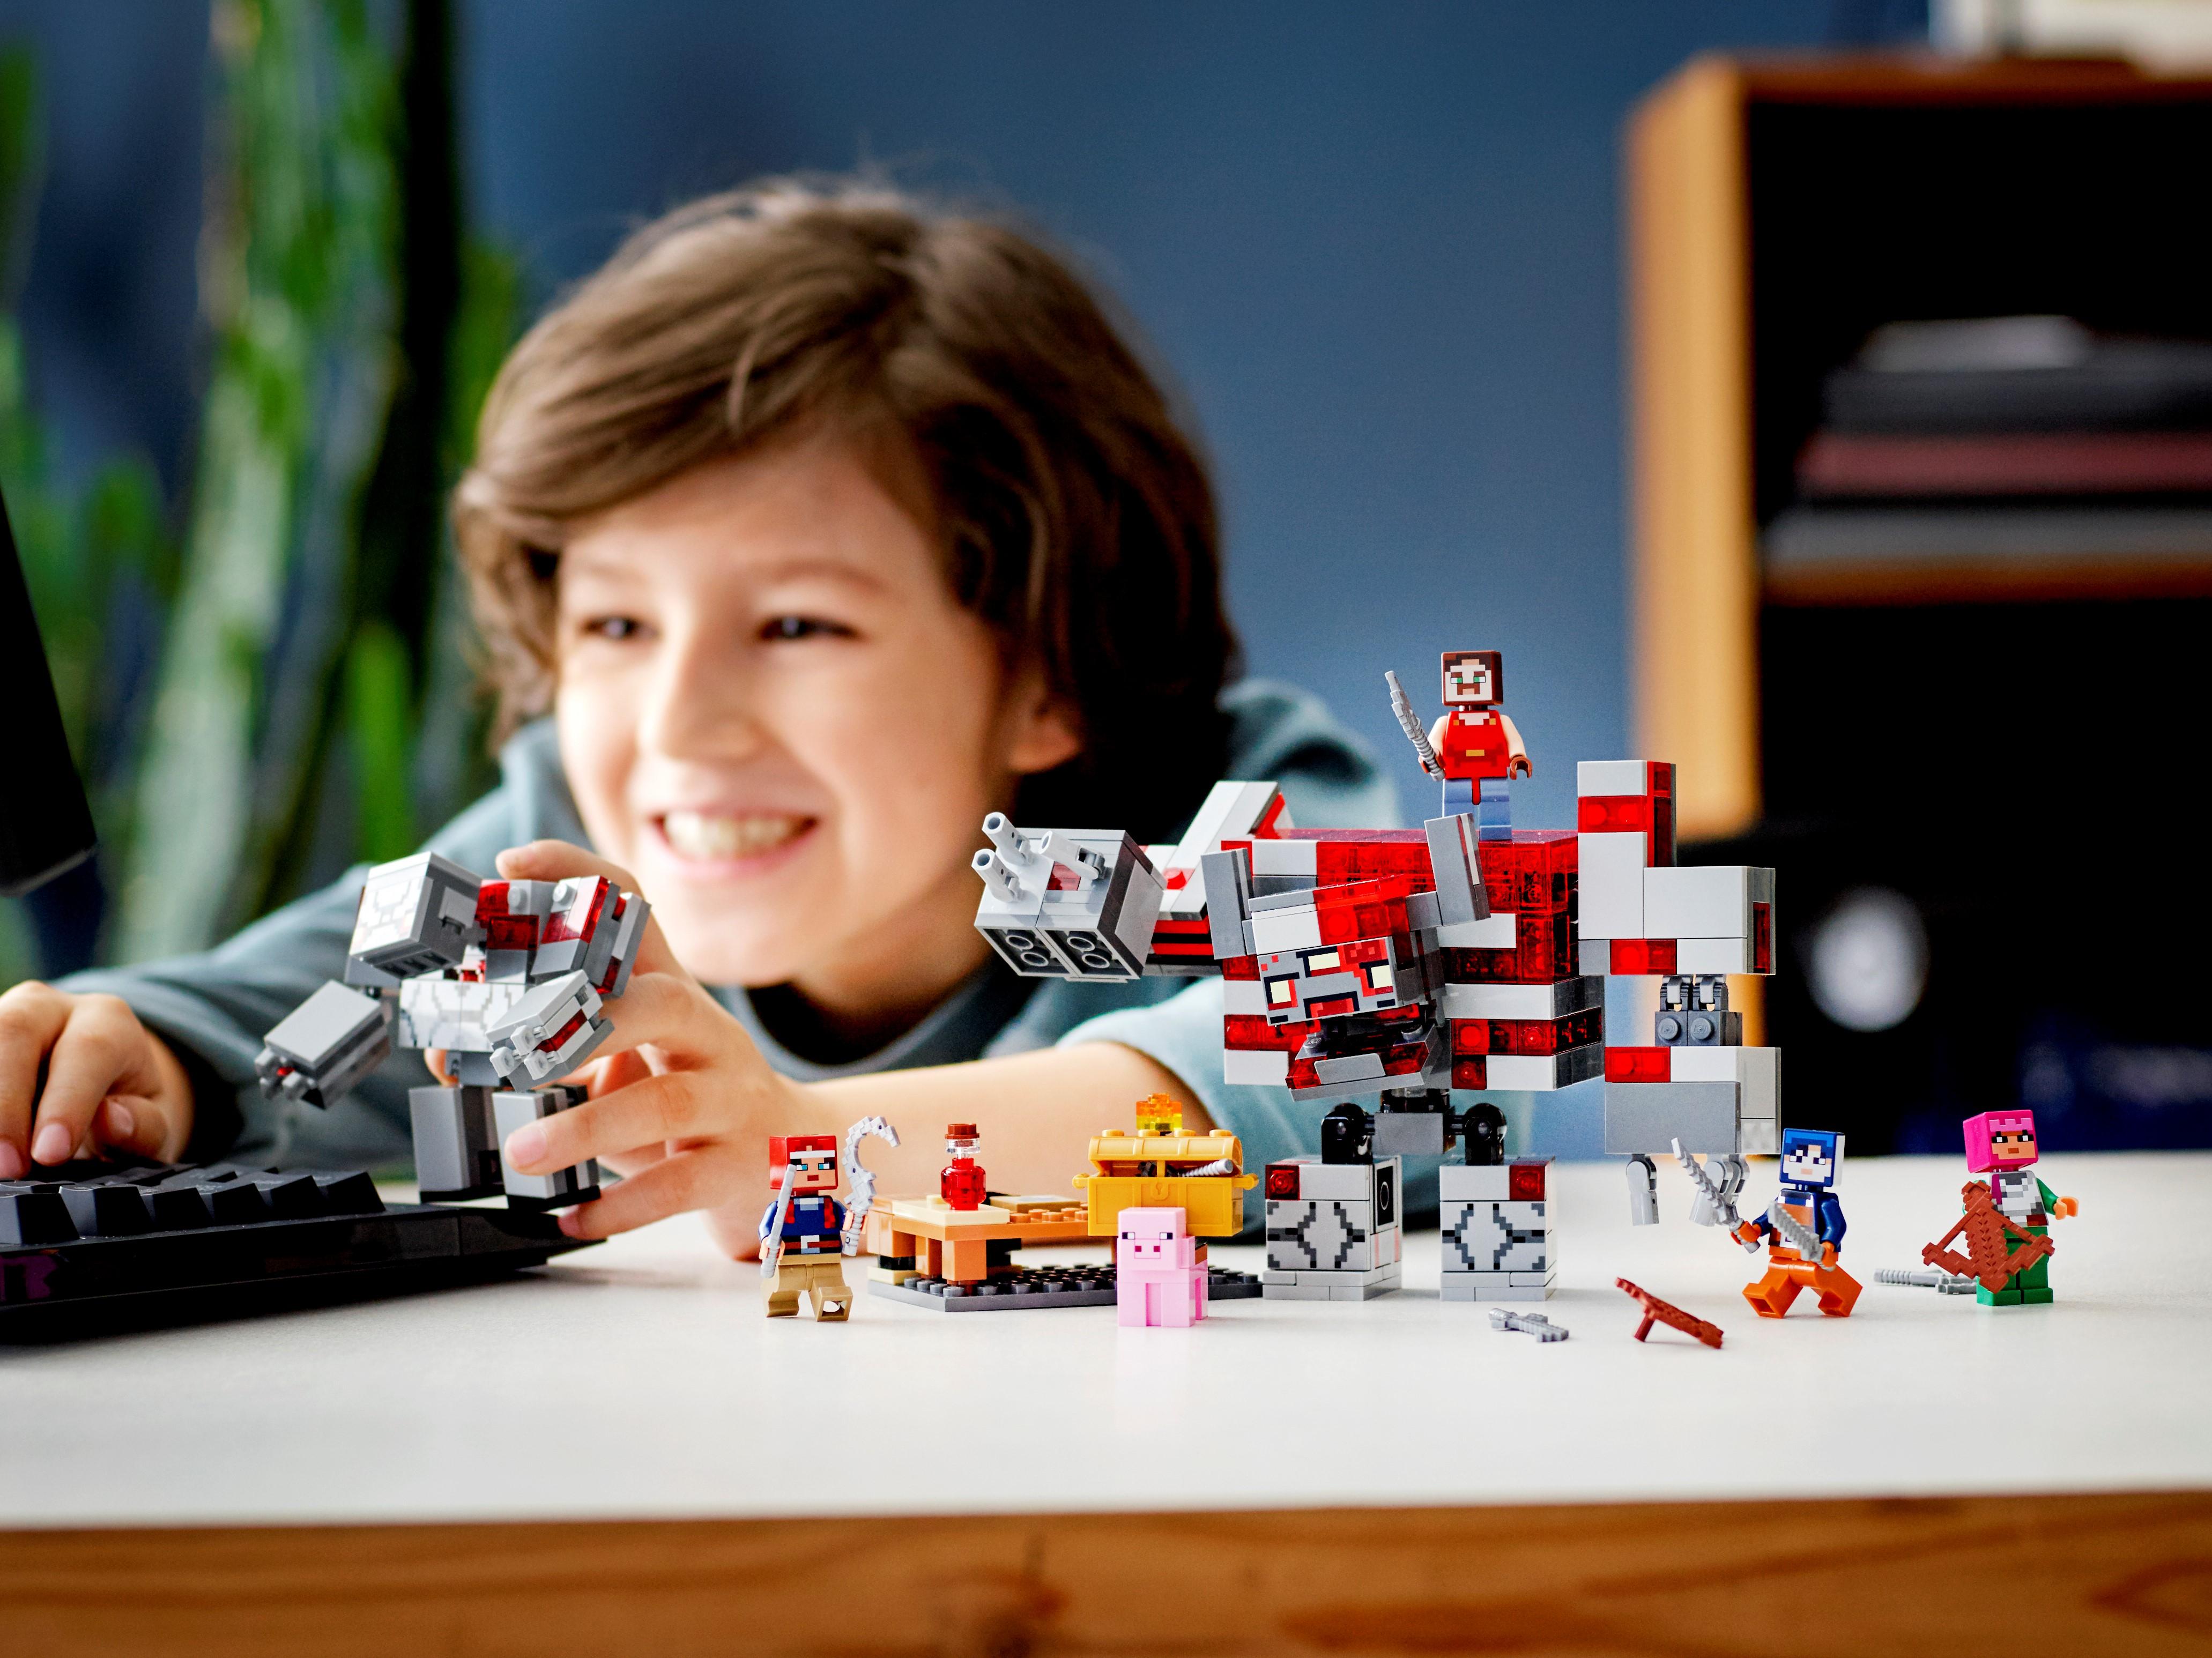 LEGO Minecraft The Redstone Battle Minecraft Dungeons Set Toy 504 Pieces 21163